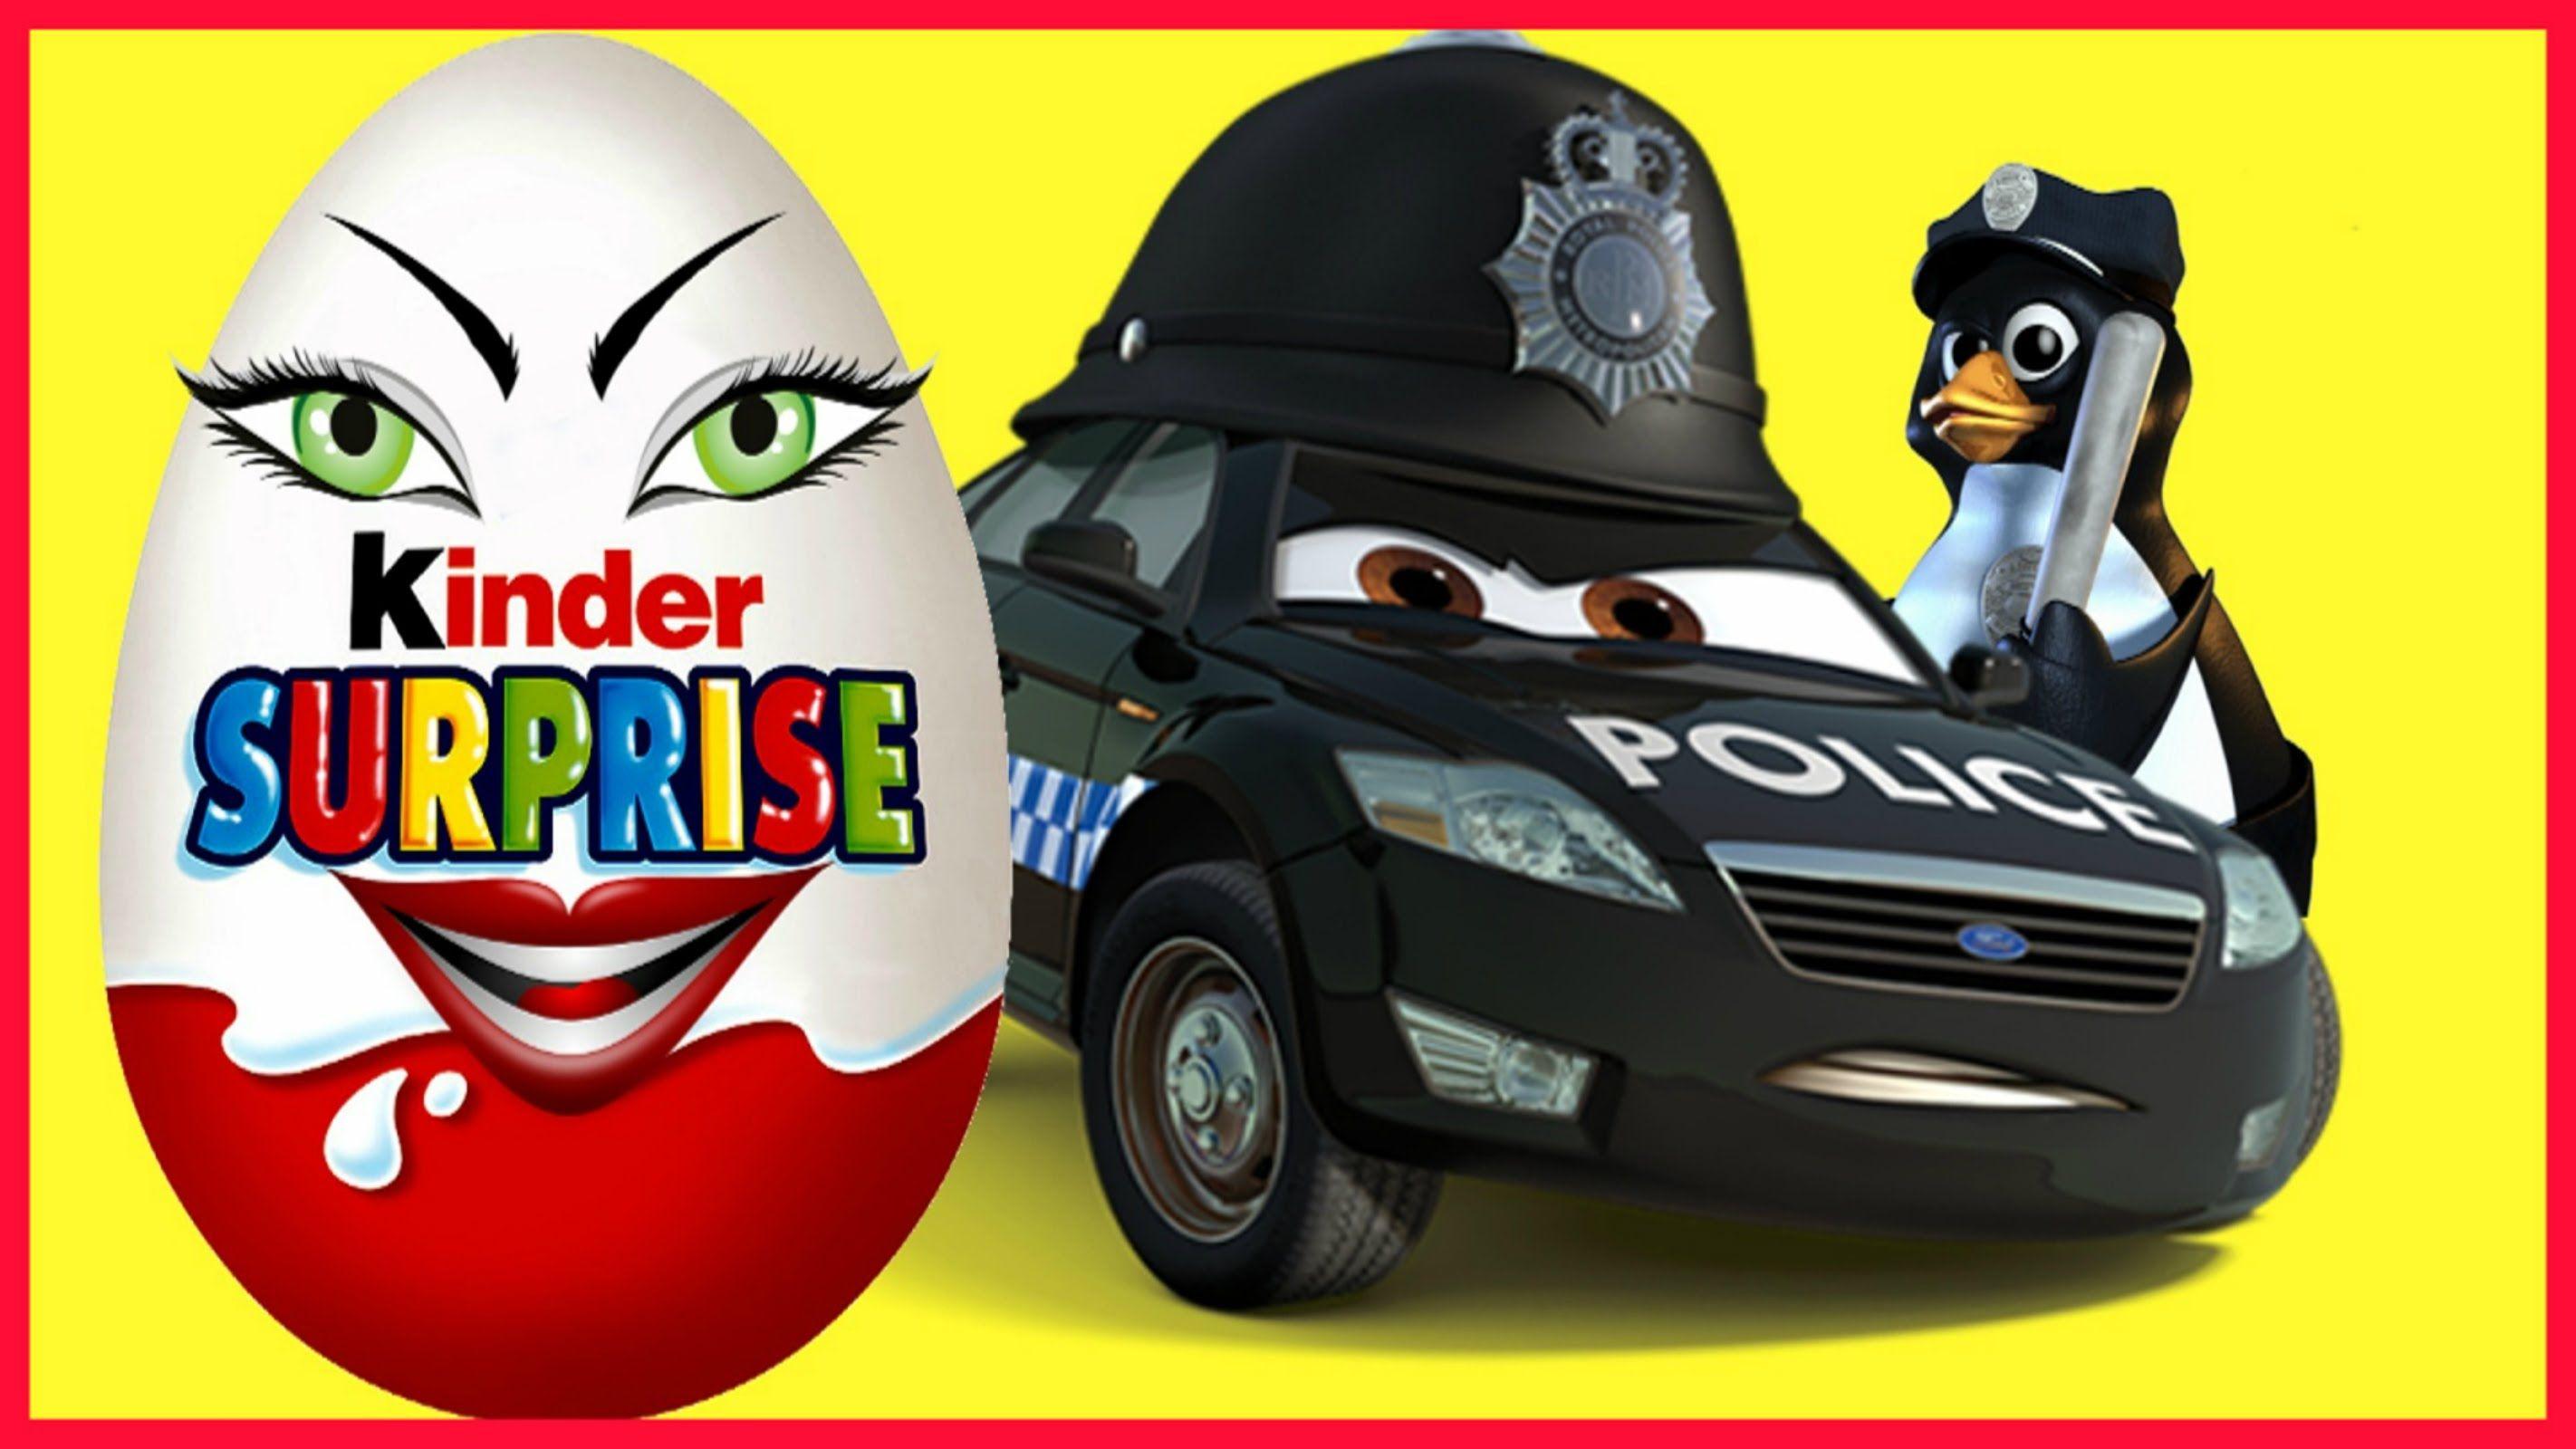 Kinder joy toys car  Kinder surprise unboxing Welcome home to Kinder Surprise Unboxing